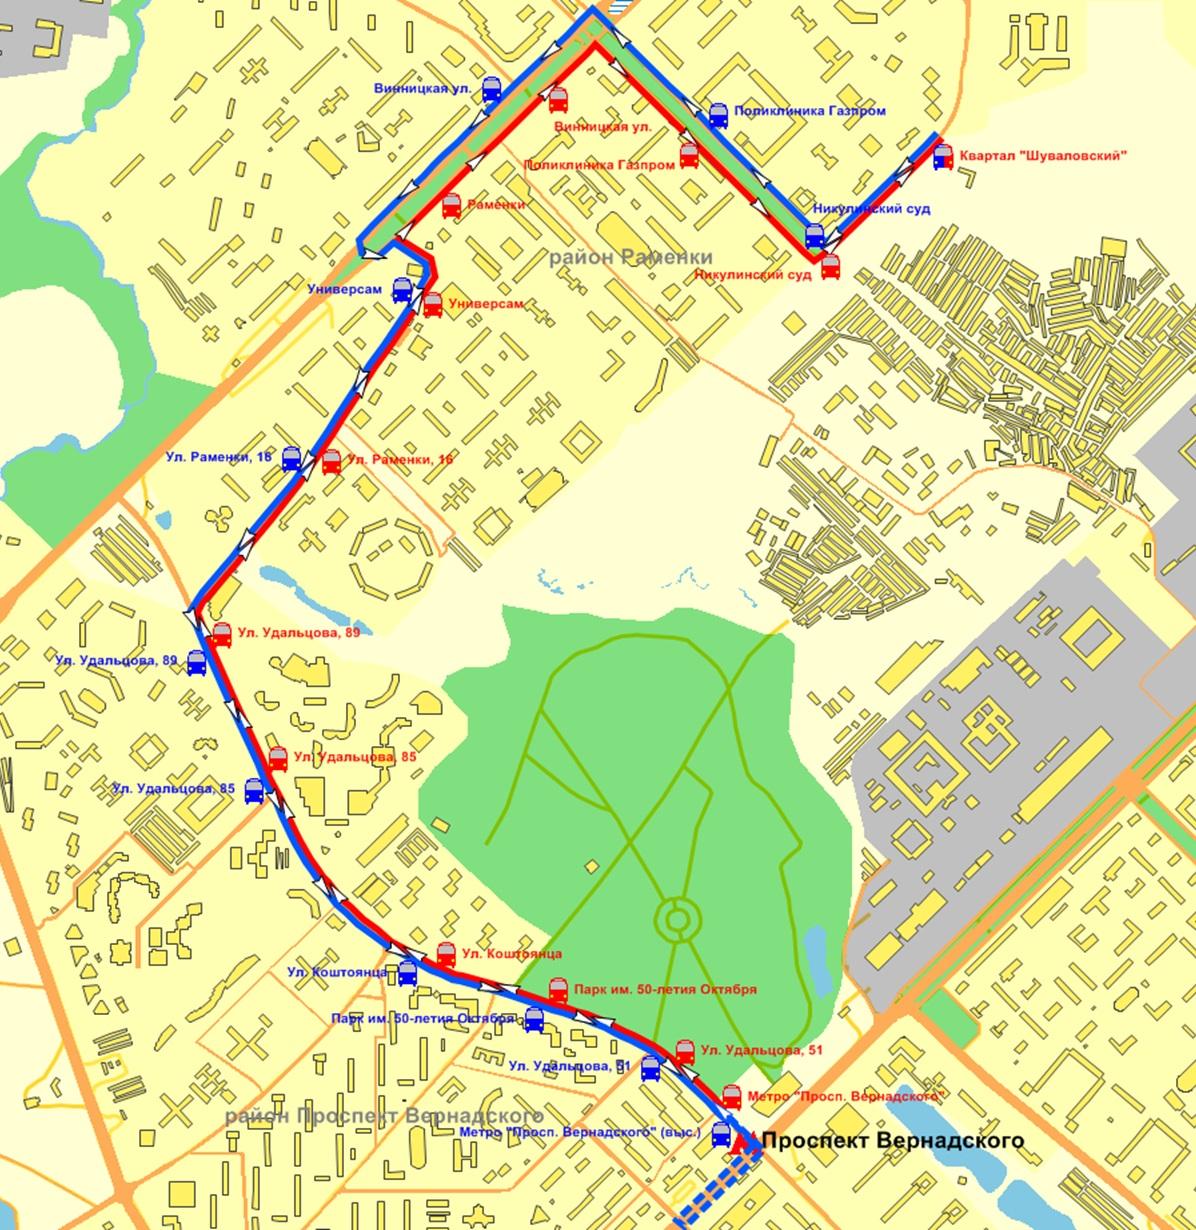 транспортная схема социально-значимых маршрутов